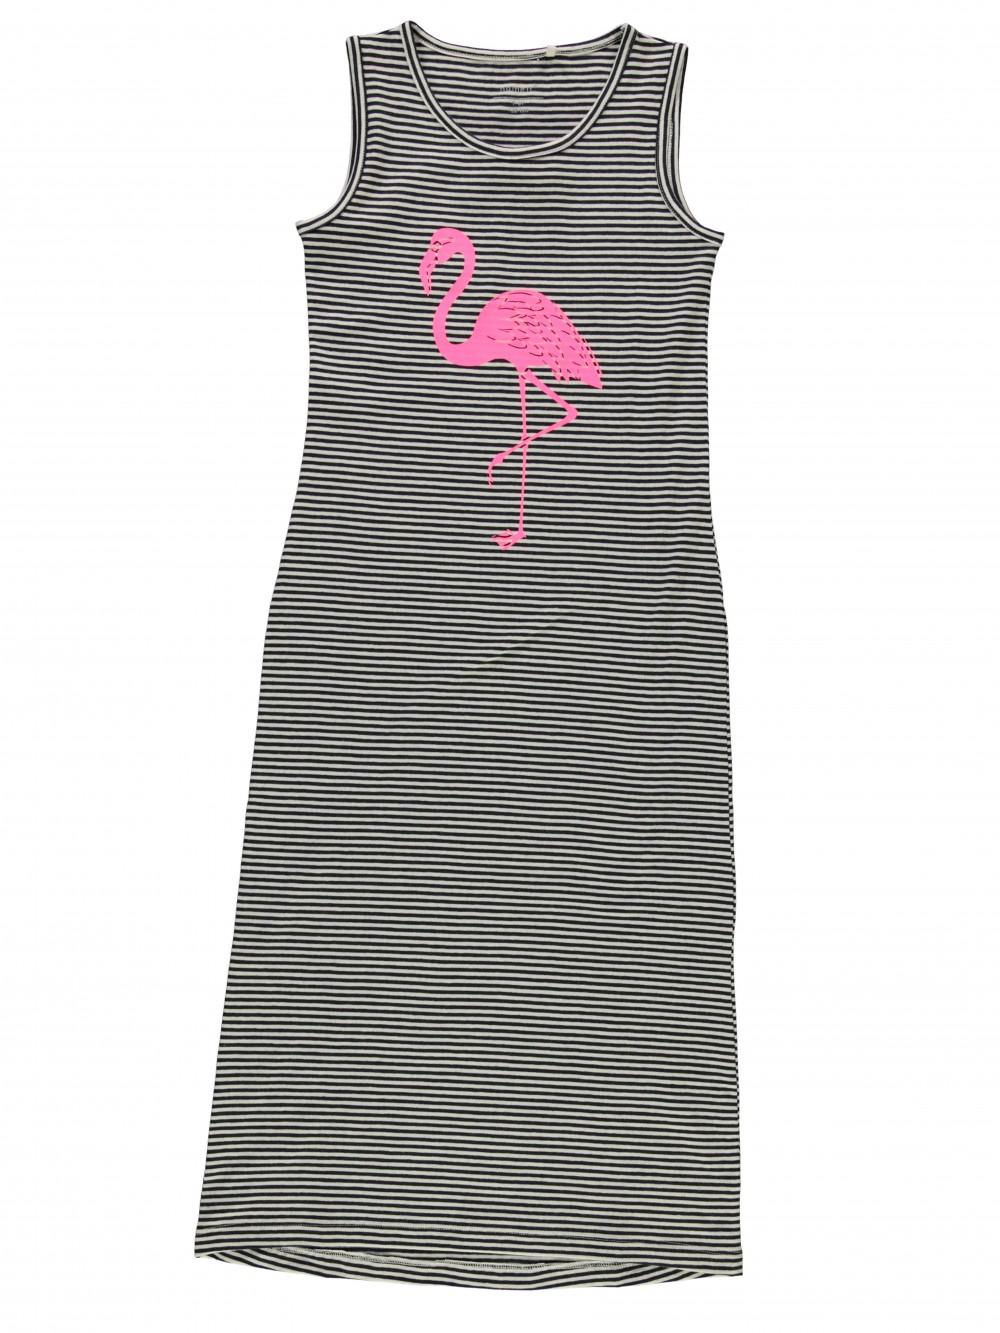 733e49165f1 Sommerkjole til barn, lang maxikjole med flamingo